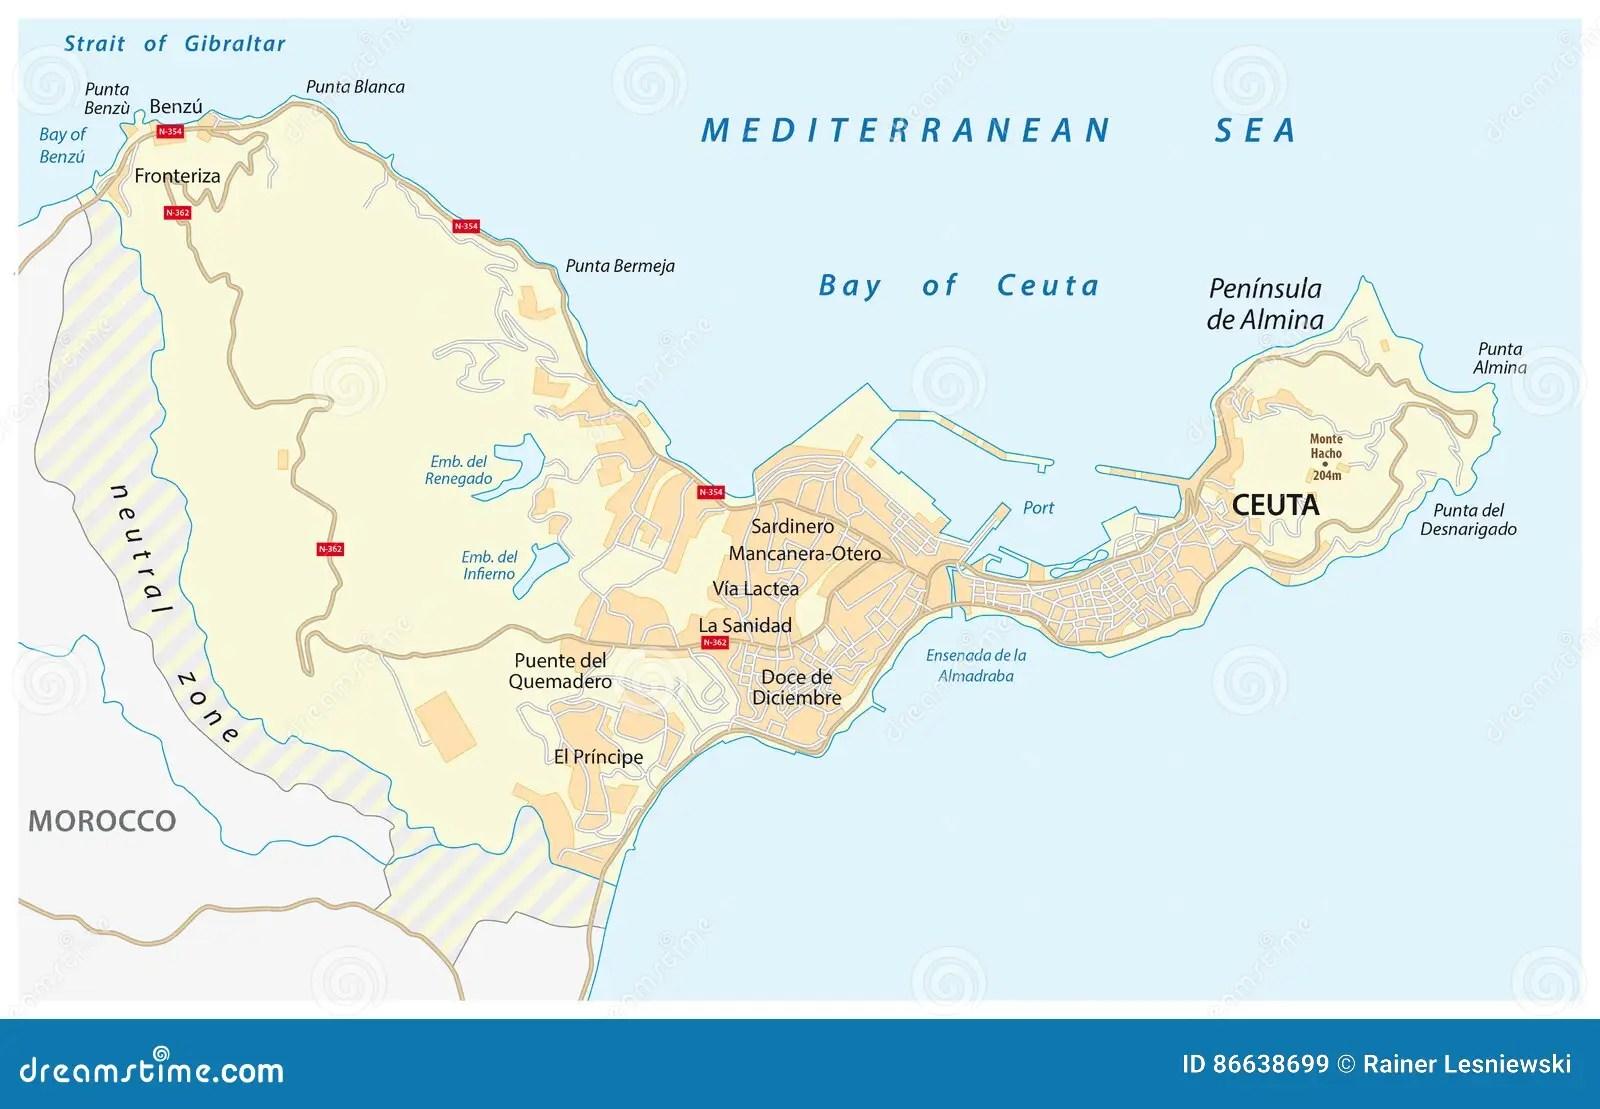 Mapa De Estradas Da Enclave Espanhola Ceuta No Continente Africano